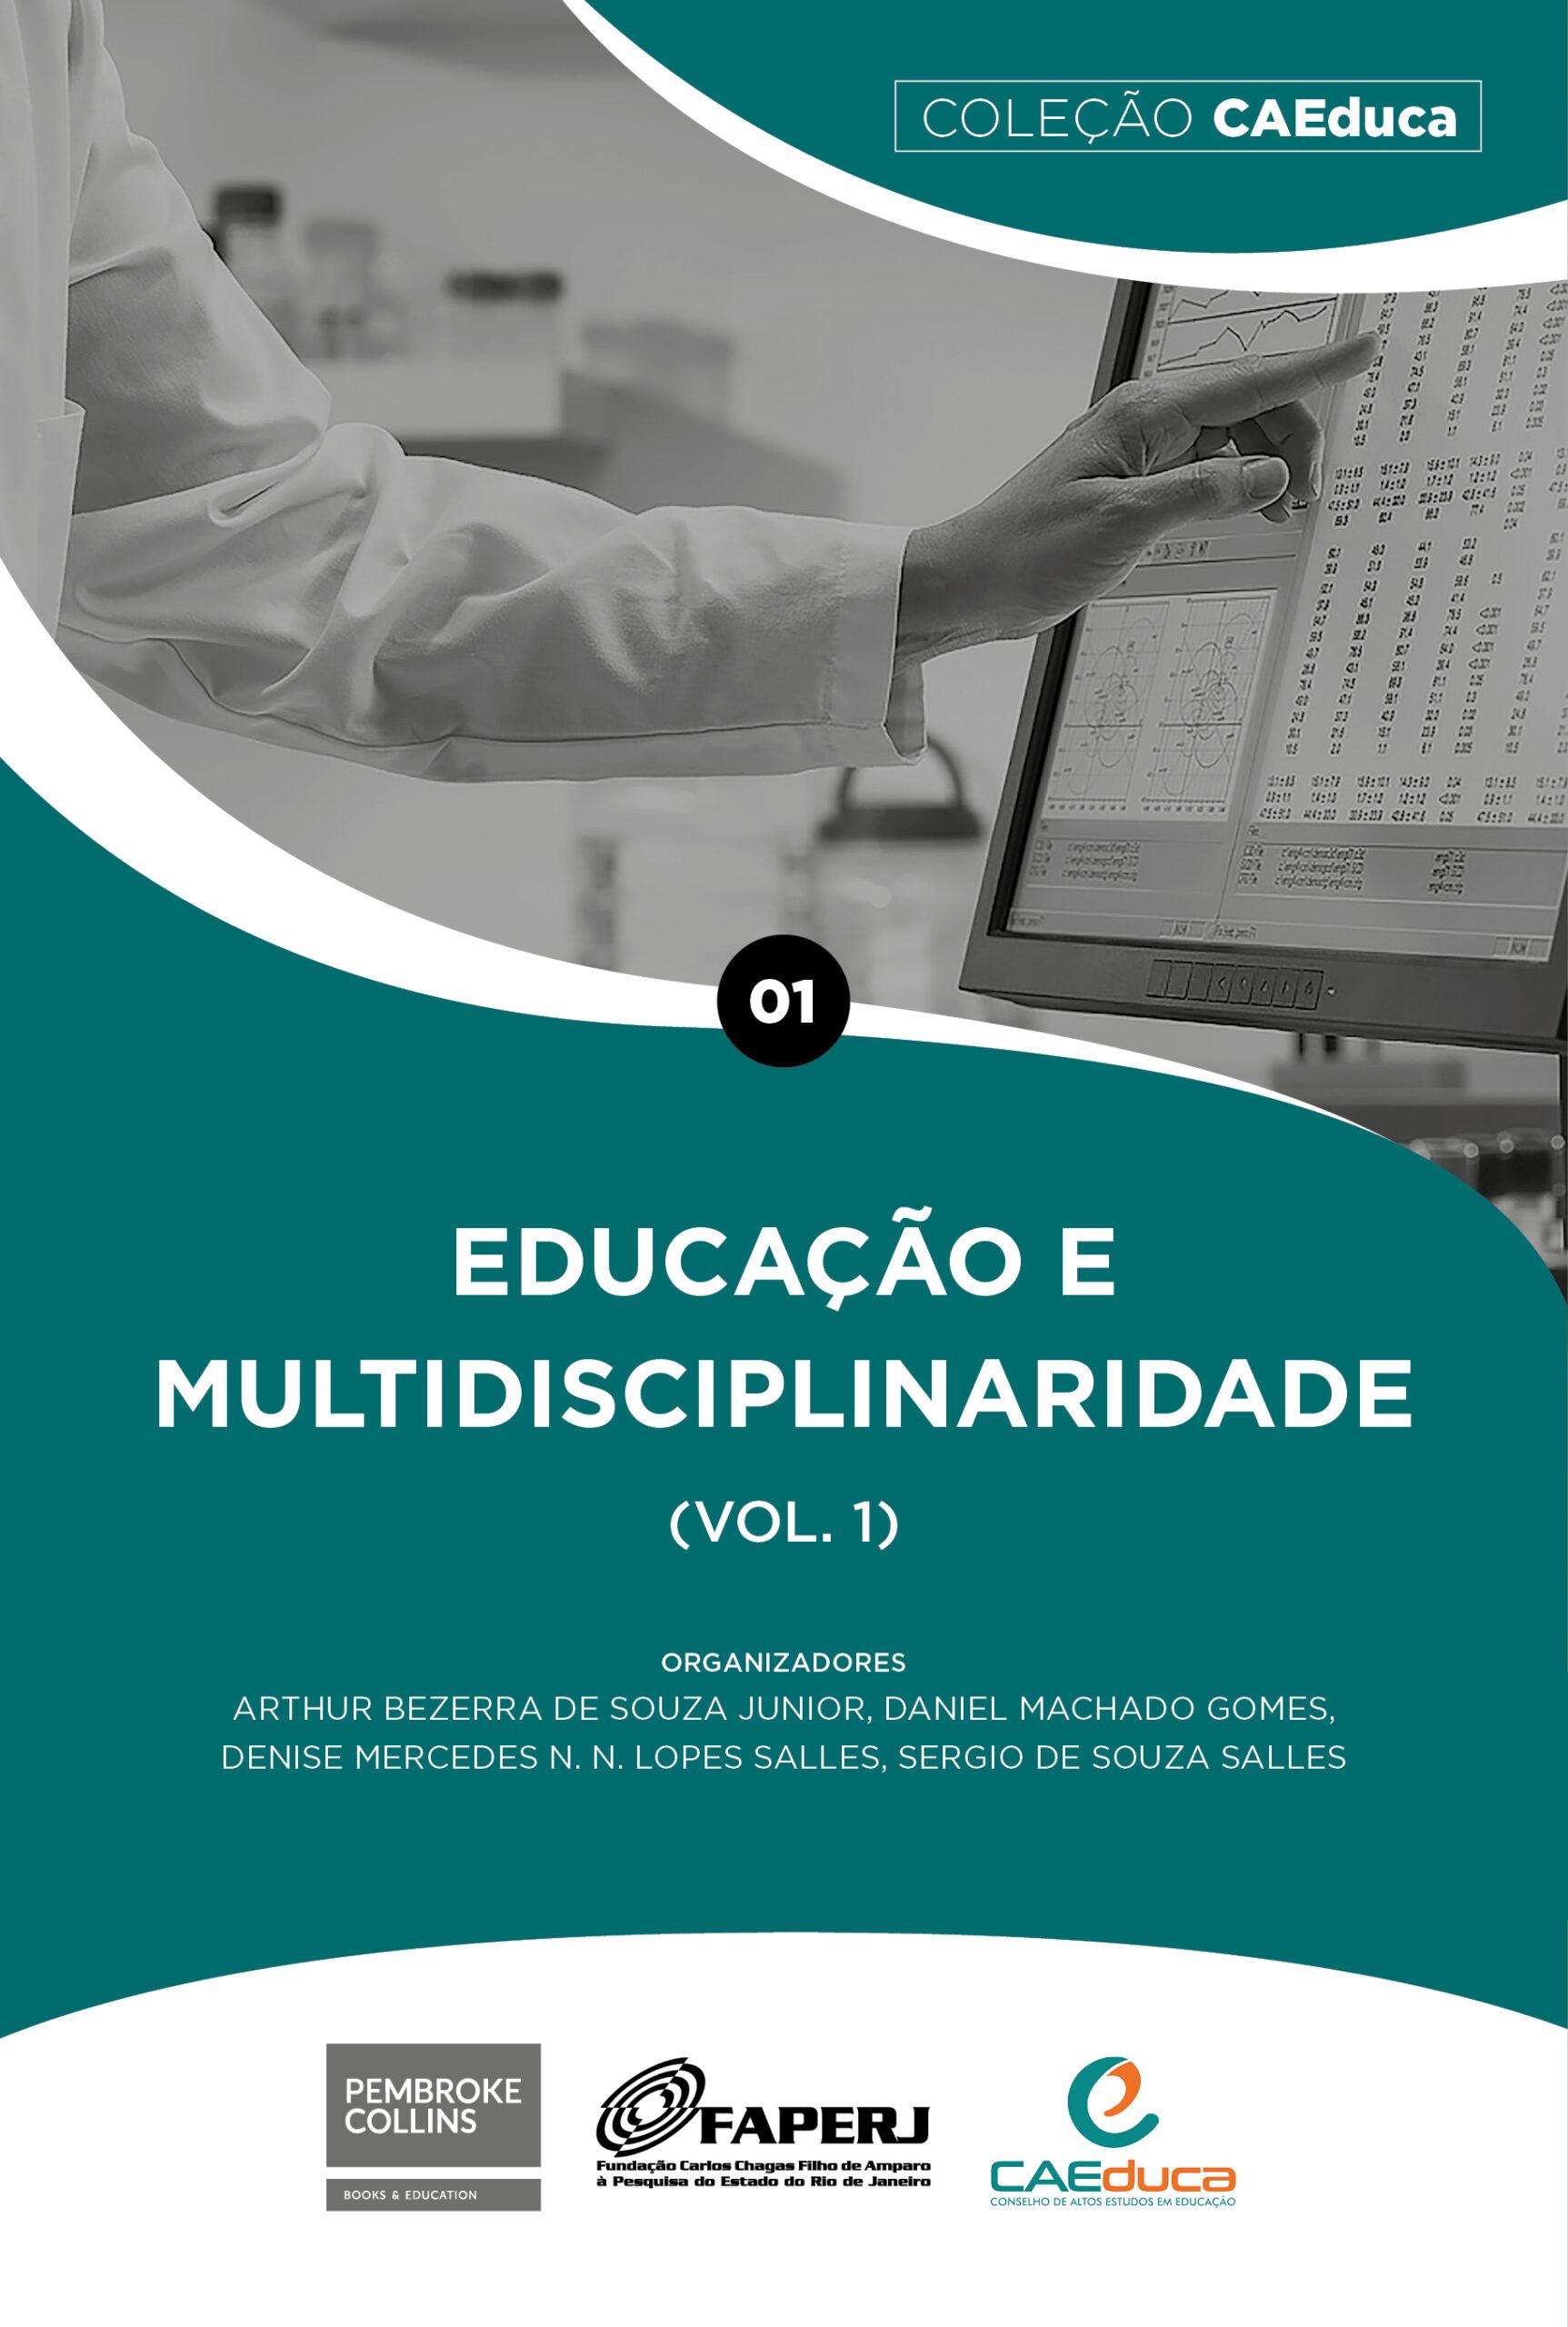 educacao-e-multidisciplinaridade-vol-1-caeduca